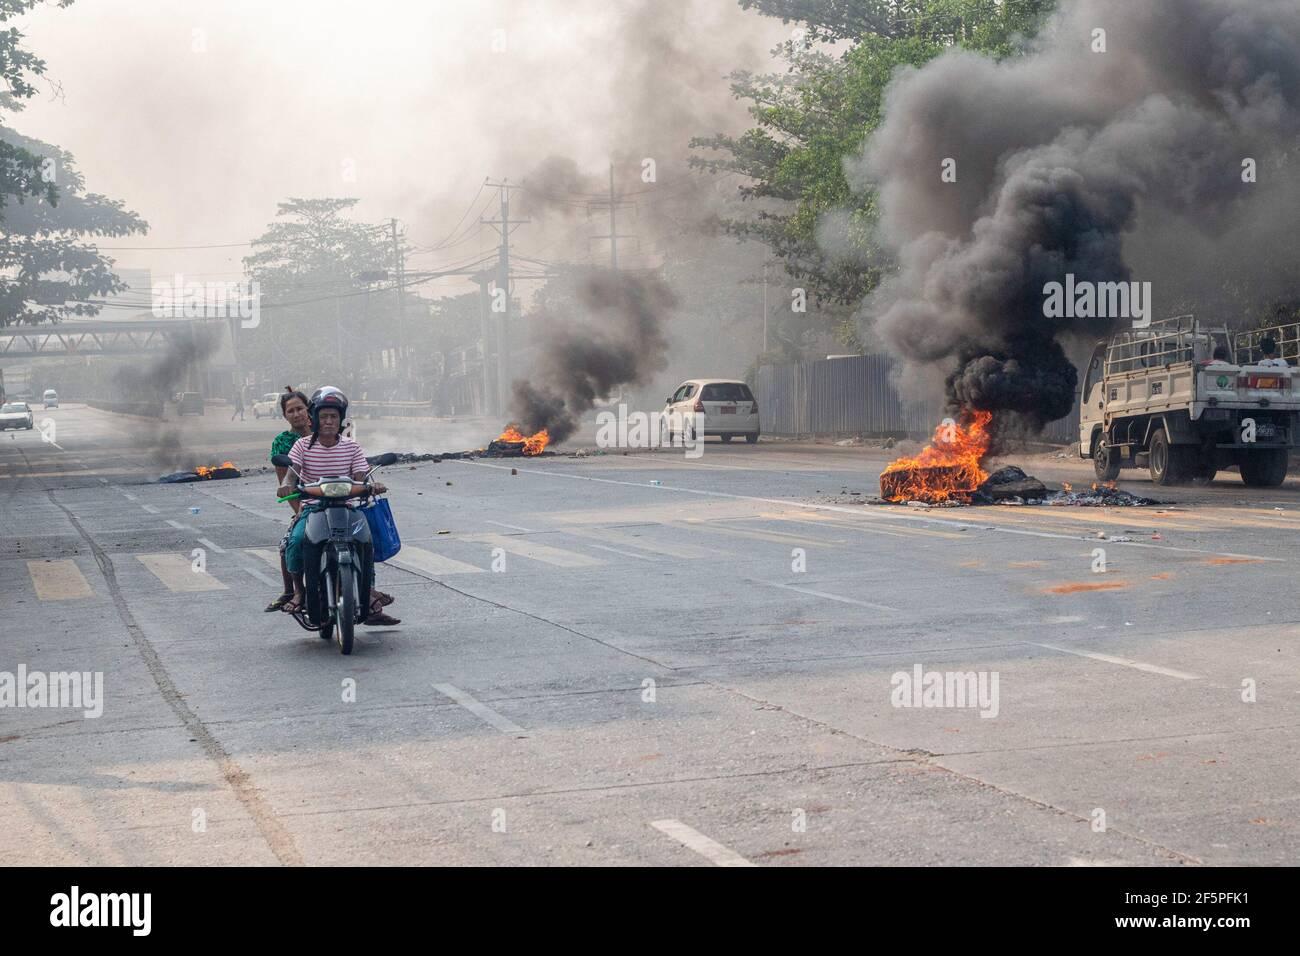 Ein Motorradfahrer fährt bei einem Protest gegen den Militärputsch an brennenden Reifen auf der Straße vorbei.Polizei und Soldaten aus Myanmar (Tatmadow) griffen als Reaktion auf antimilitärische Putschproteste am Samstag Demonstranten mit Gummigeschossen, lebender Munition, Tränengas und Betäubungsbomben an, töteten mehr als 90 Menschen und verletzten viele andere. Mindestens 300 Menschen sind seit dem Putsch vom 1. Februar in Myanmar getötet worden, sagte ein Menschenrechtsbeamter der Vereinten Nationen. Myanmars Militär nahm am 01. Februar 2021 die staatliche Beraterin von Myanmar Aung San Suu Kyi fest und erklärte den Ausnahmezustand, während sie das Powe beschlagnahmte Stockfoto